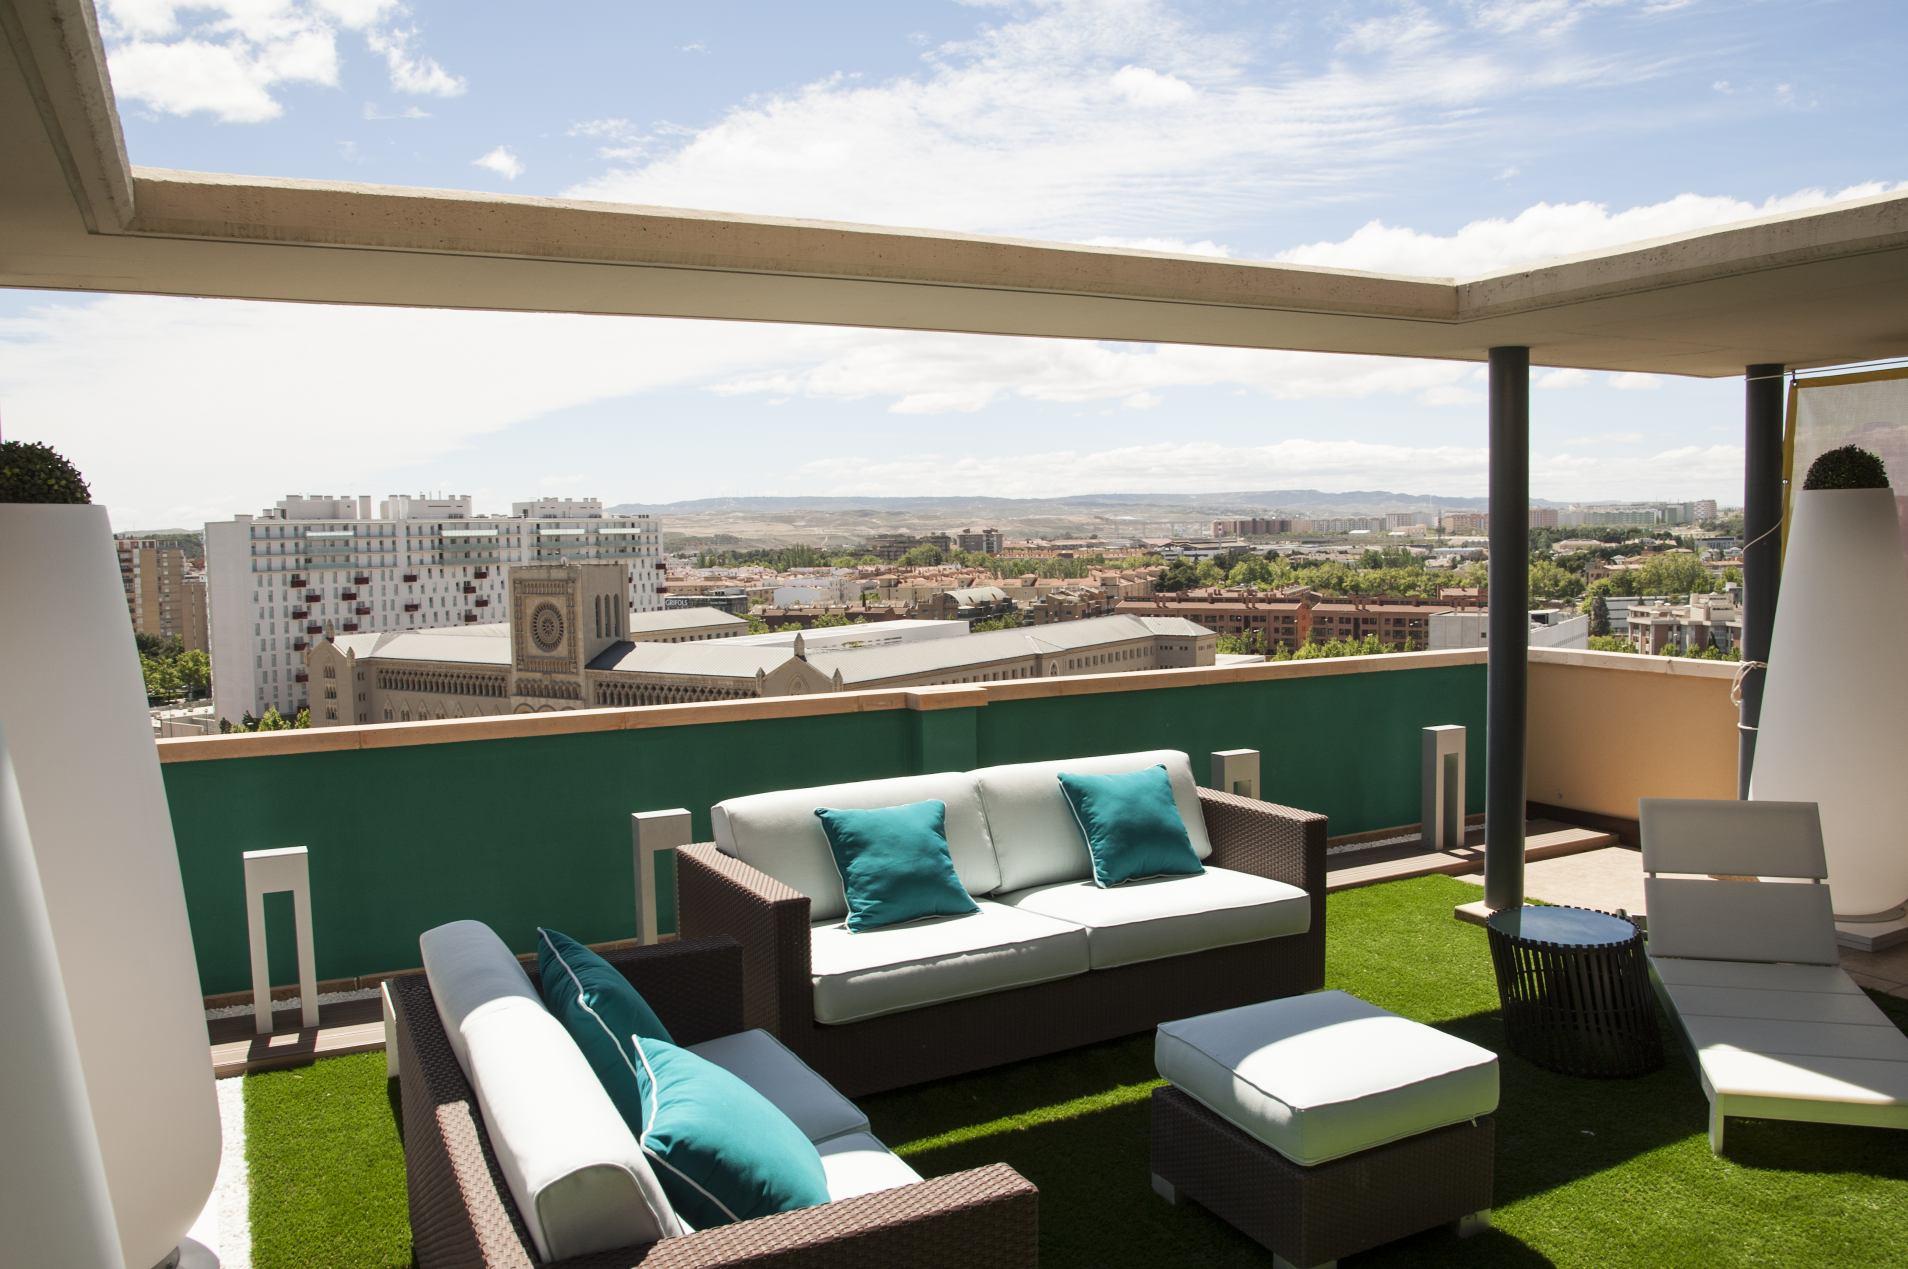 Las vistas el principal atractivo de tu tico ebrosa promotora inmobiliaria - Pergola terraza atico ...